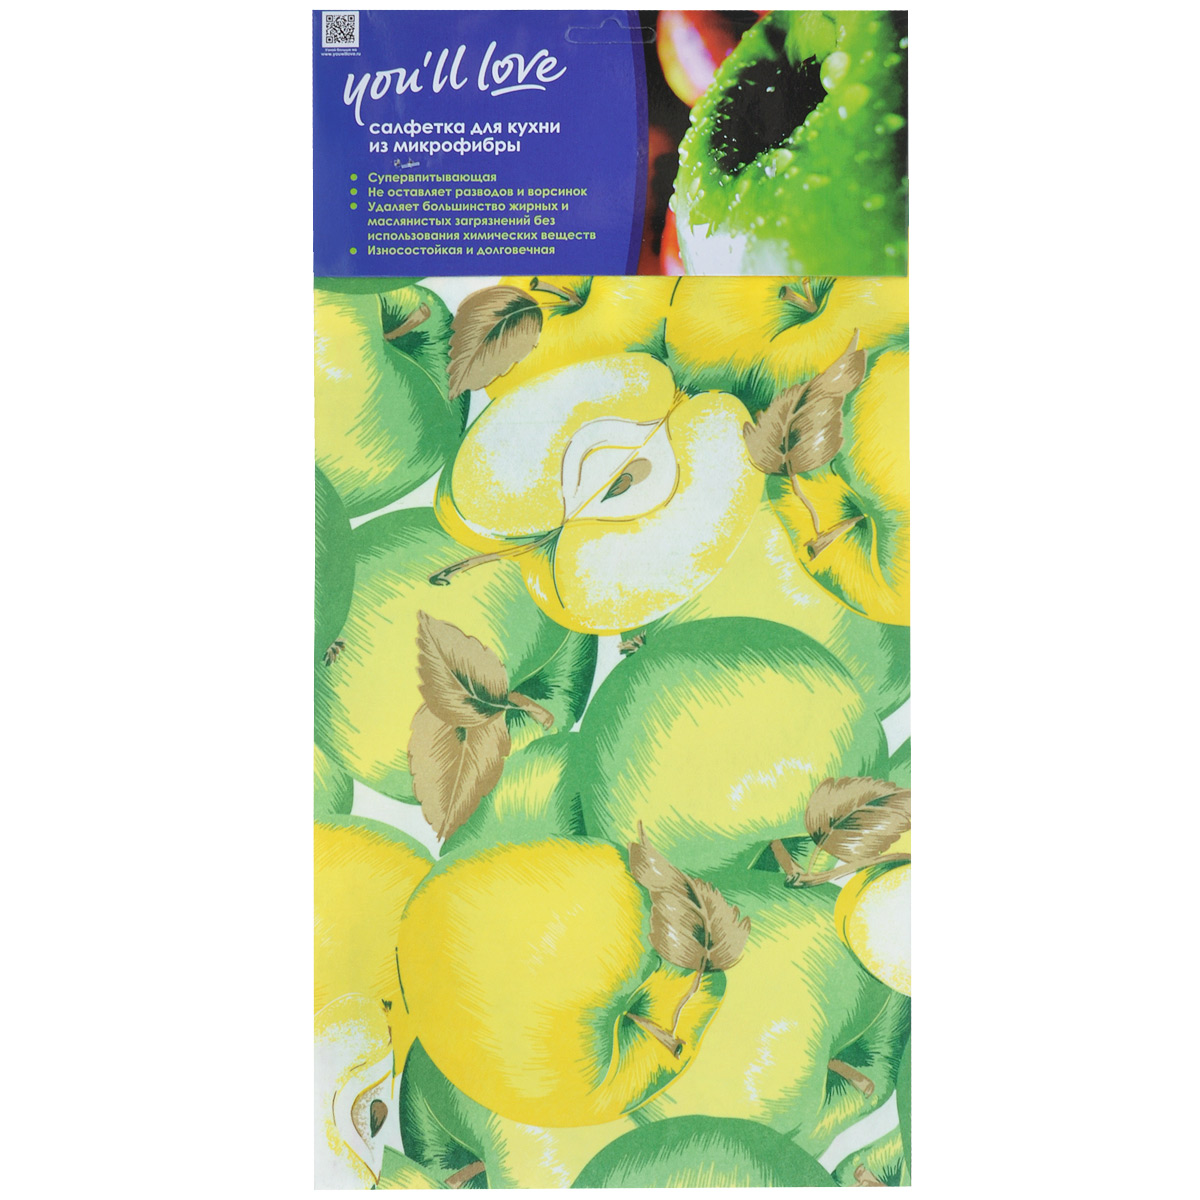 Салфетка для кухни Youll Love Яблоко, цвет: зеленый, желтый, 40 см х 60 см11230-AСалфетка Youll Love Яблоко, изготовленная из микрофибры (80% полиэстера и 20% полиамида), предназначена для очищения загрязнений на любых поверхностях. Изделие обладает высокой износоустойчивостью и рассчитано на многократное использование, легко моется в теплой воде с мягкими чистящими средствами. Супервпитывающая салфетка не оставляет разводов и ворсинок, удаляет большинство жирных и маслянистых загрязнений без использования химических средств. Размер салфетки: 40 см х 60 см.